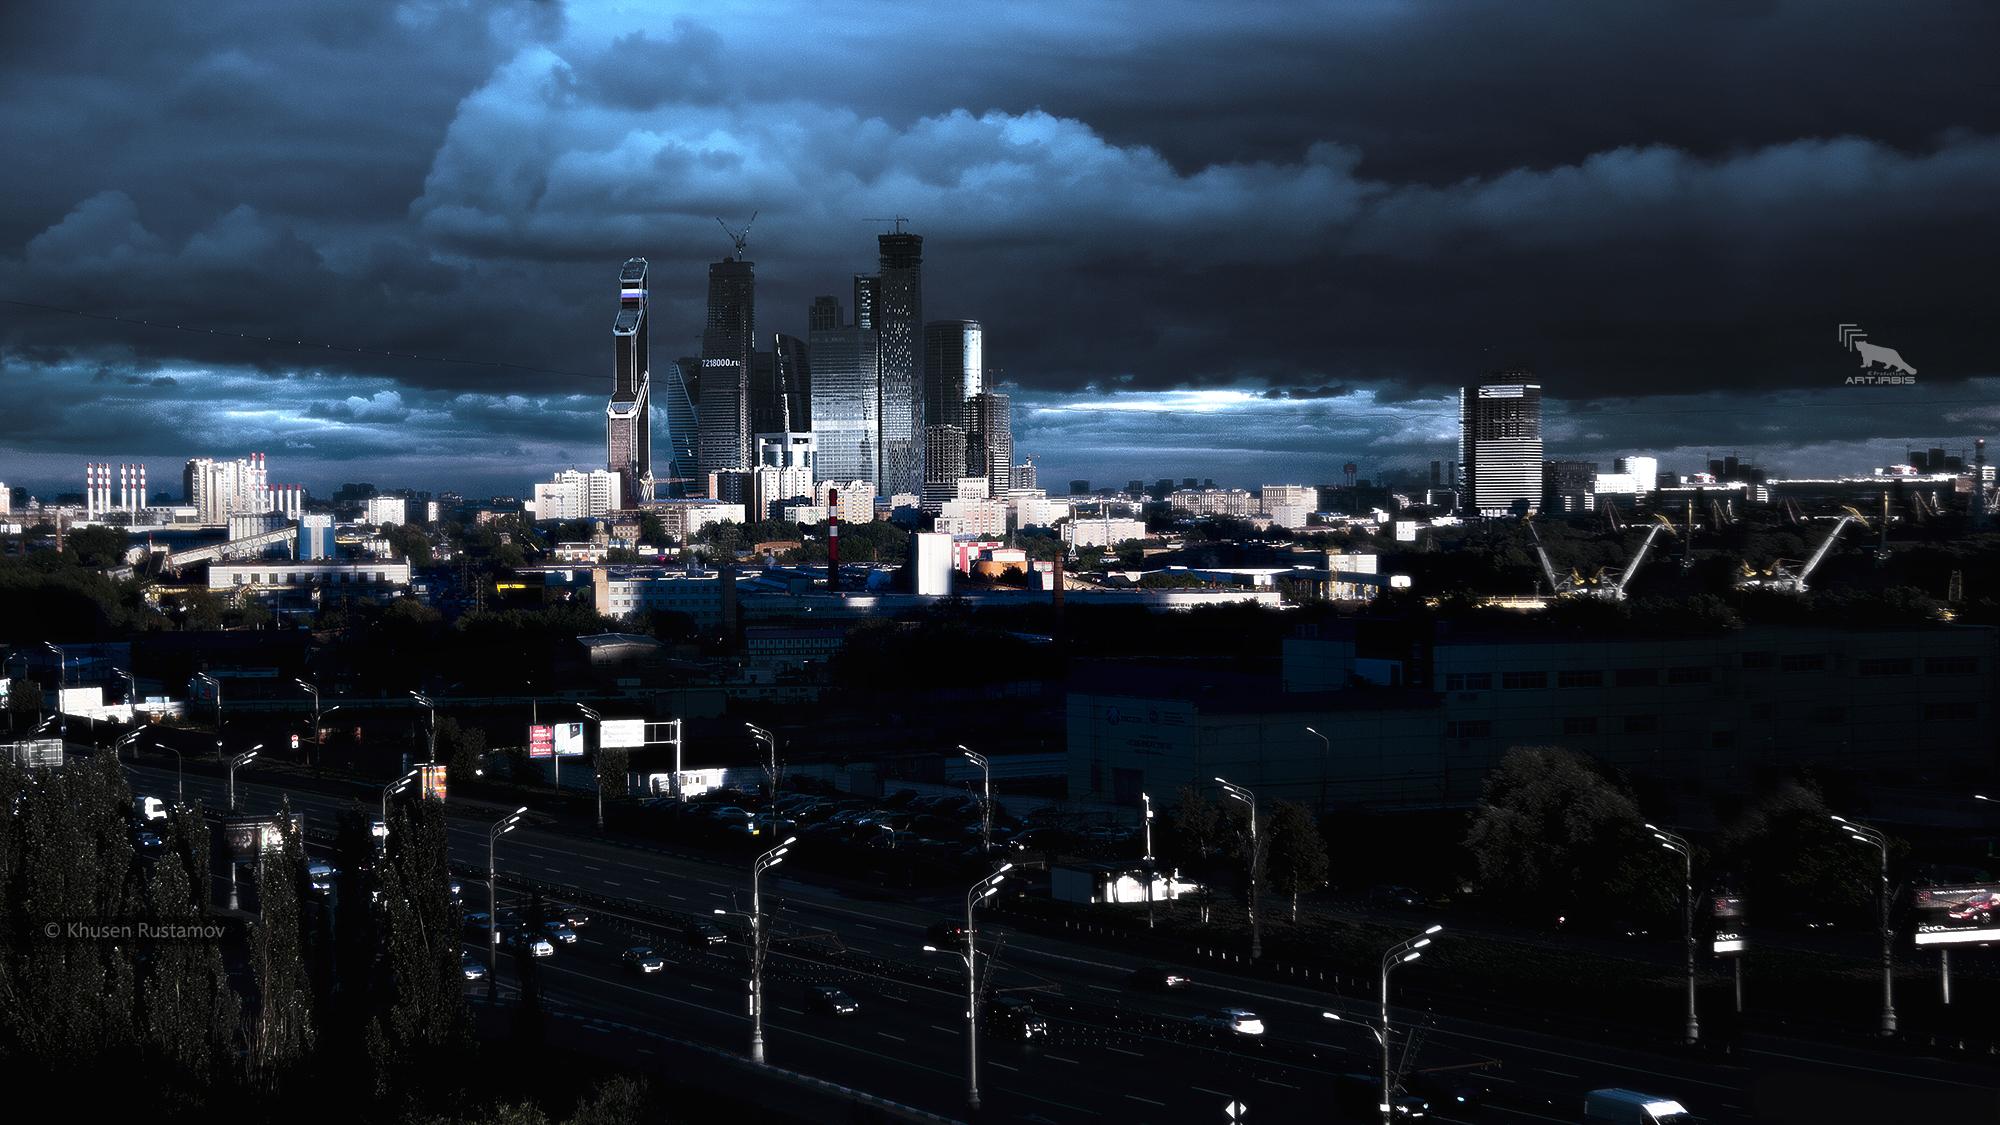 страны город архитектура ночь Москва сити Россия  № 2582895 загрузить